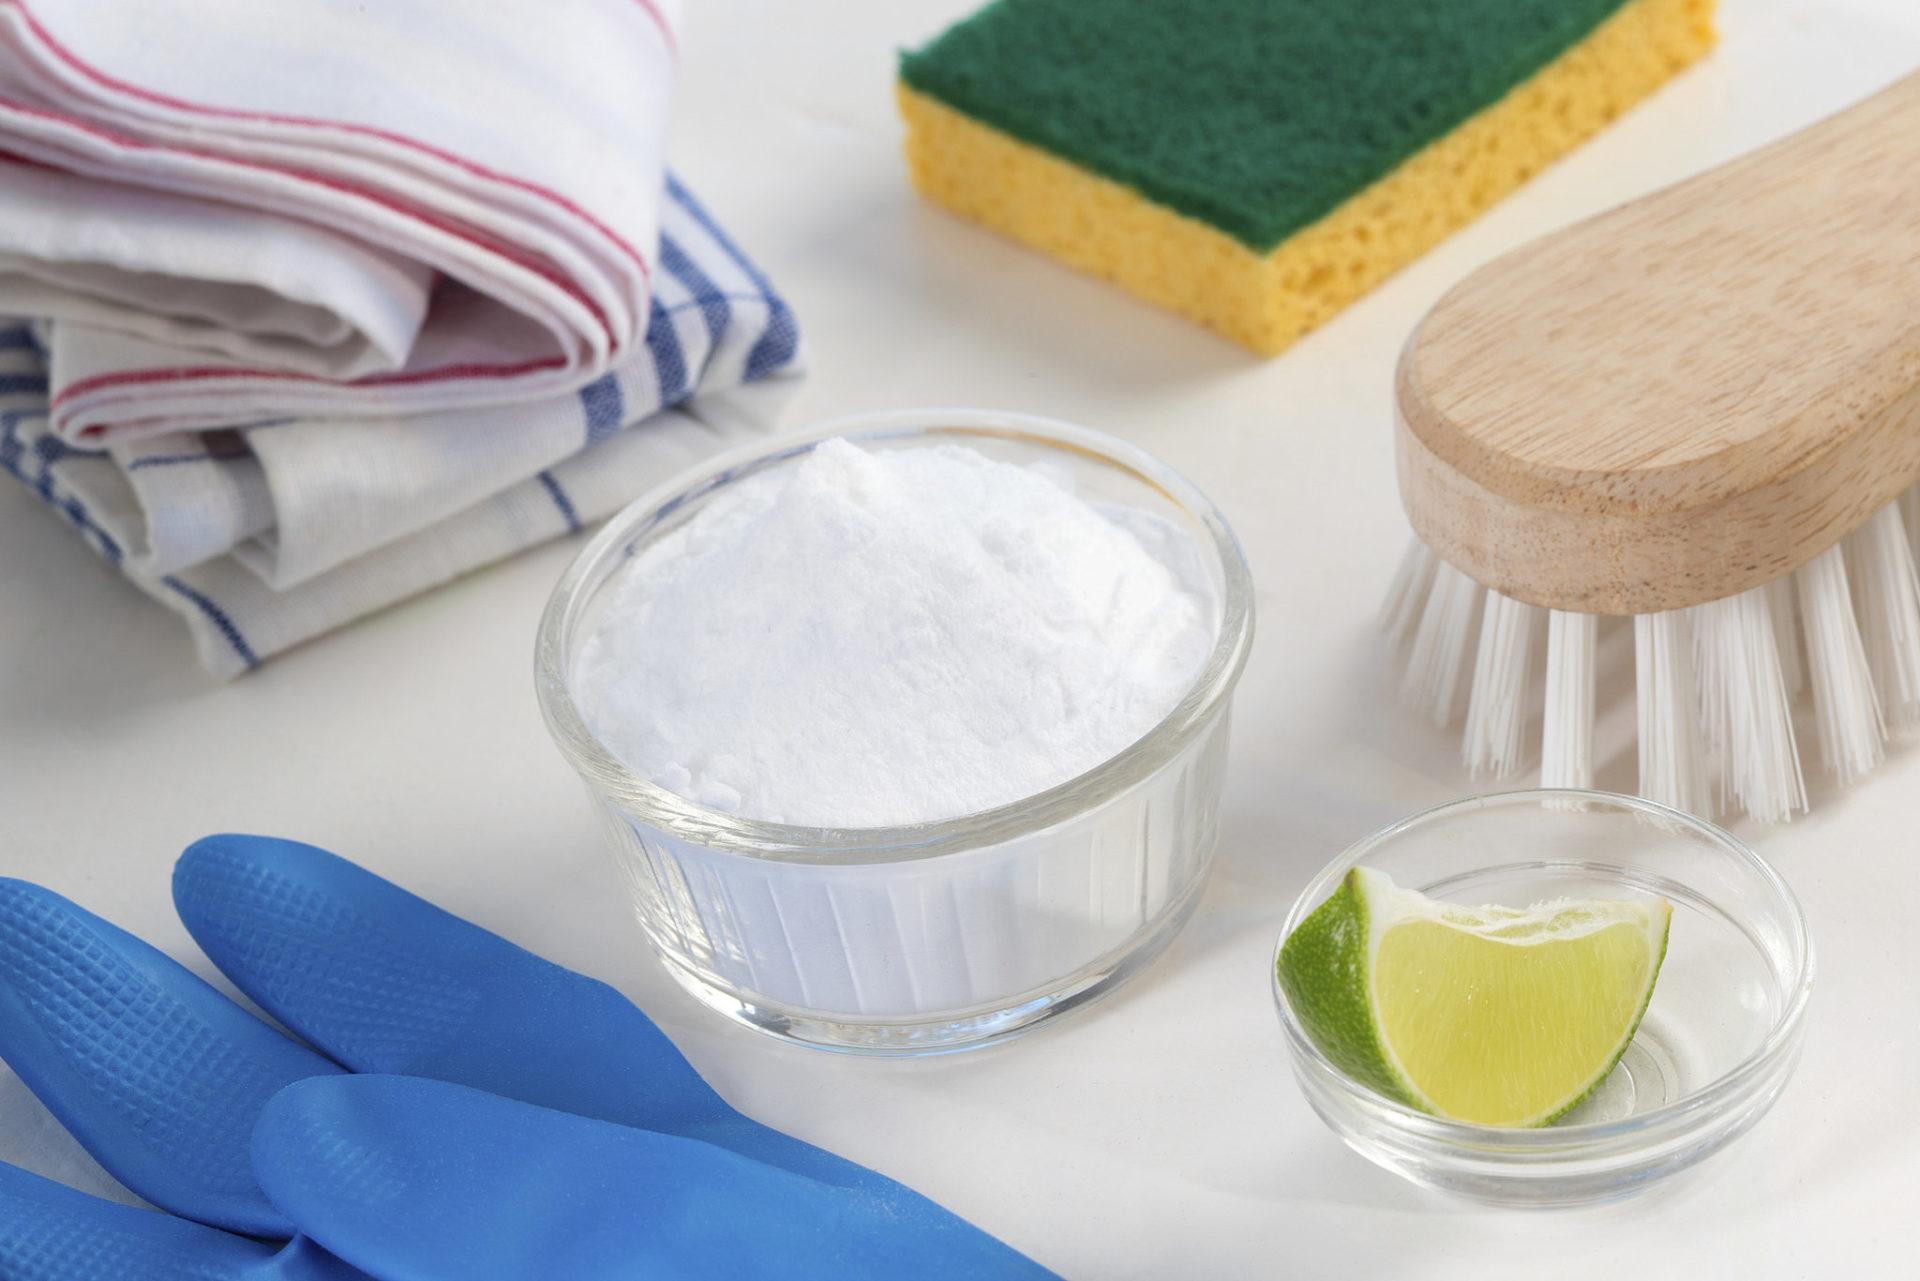 4 usos do bicarbonato de sódio na limpeza da casa